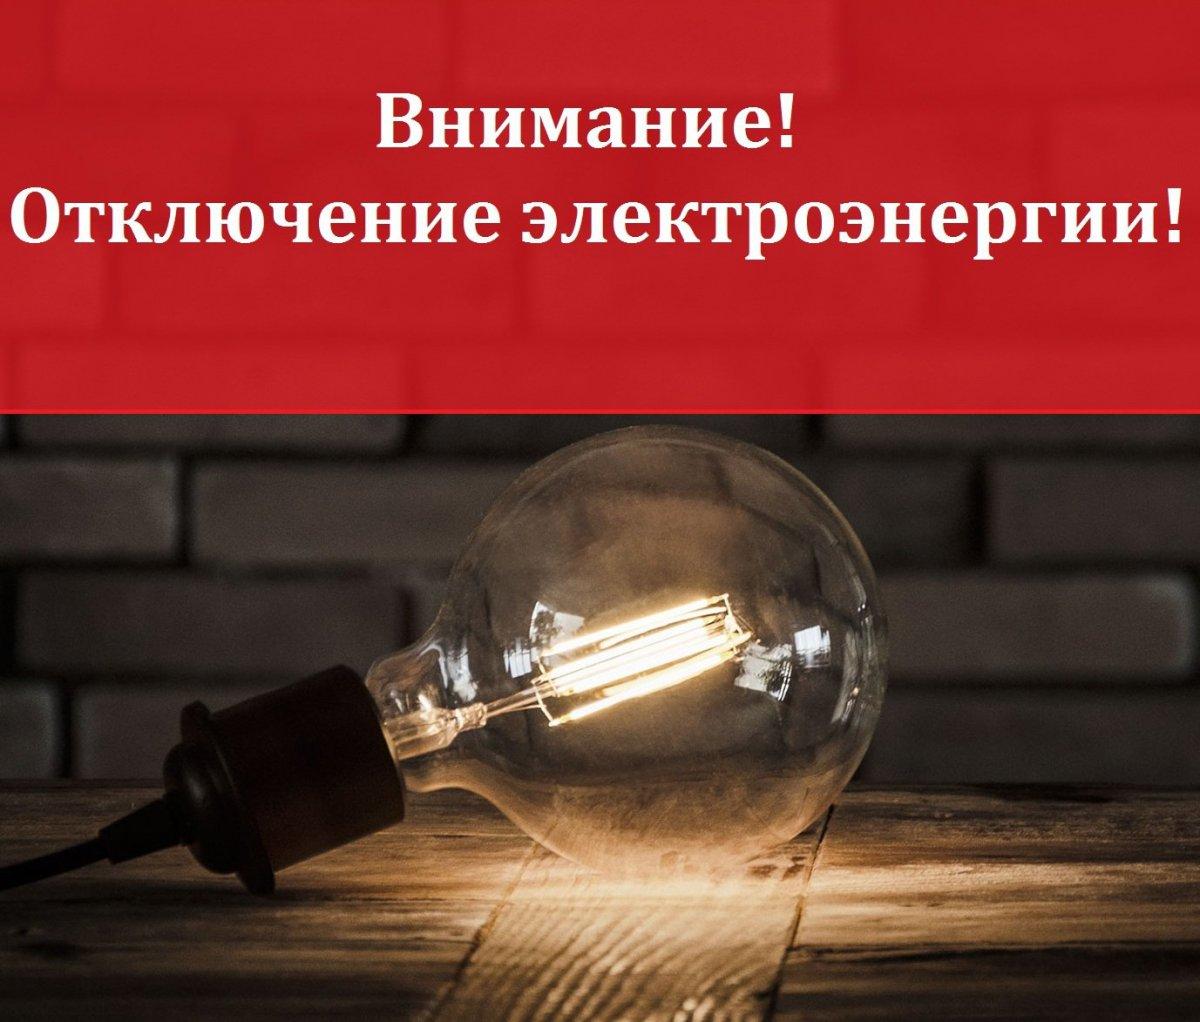 Отключение электроэнергии с 11.05.2021 по 13.05.2021